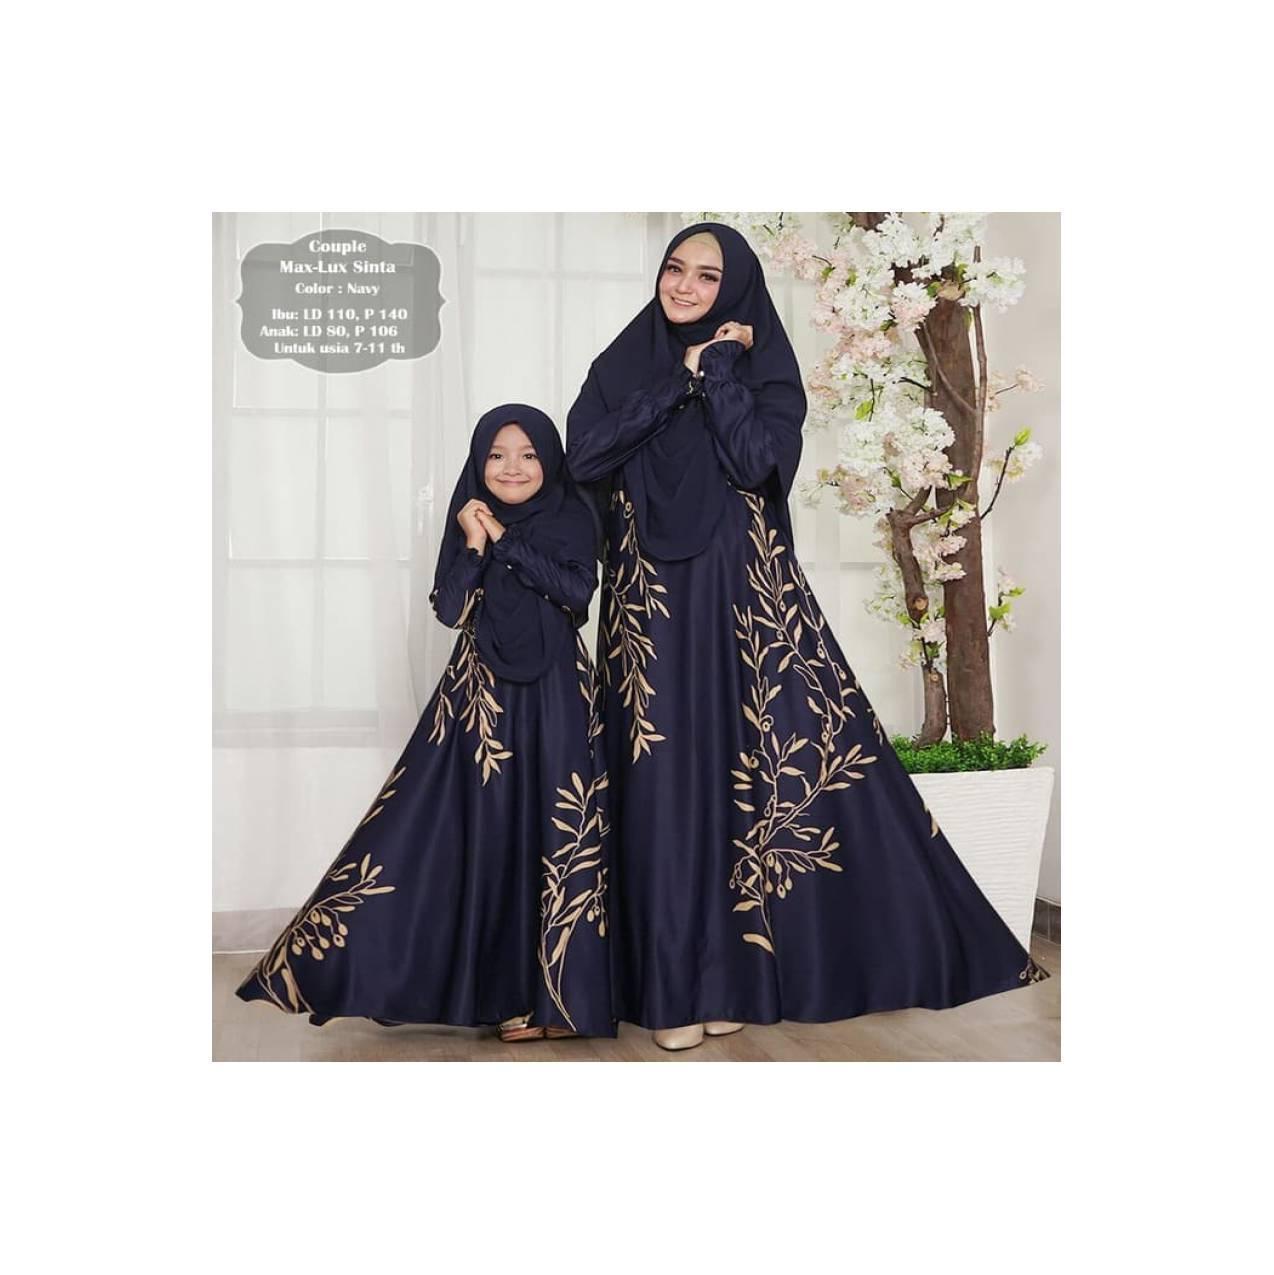 mk maxmara lux - gamis couple ibu dan anak / long dress muslim busui